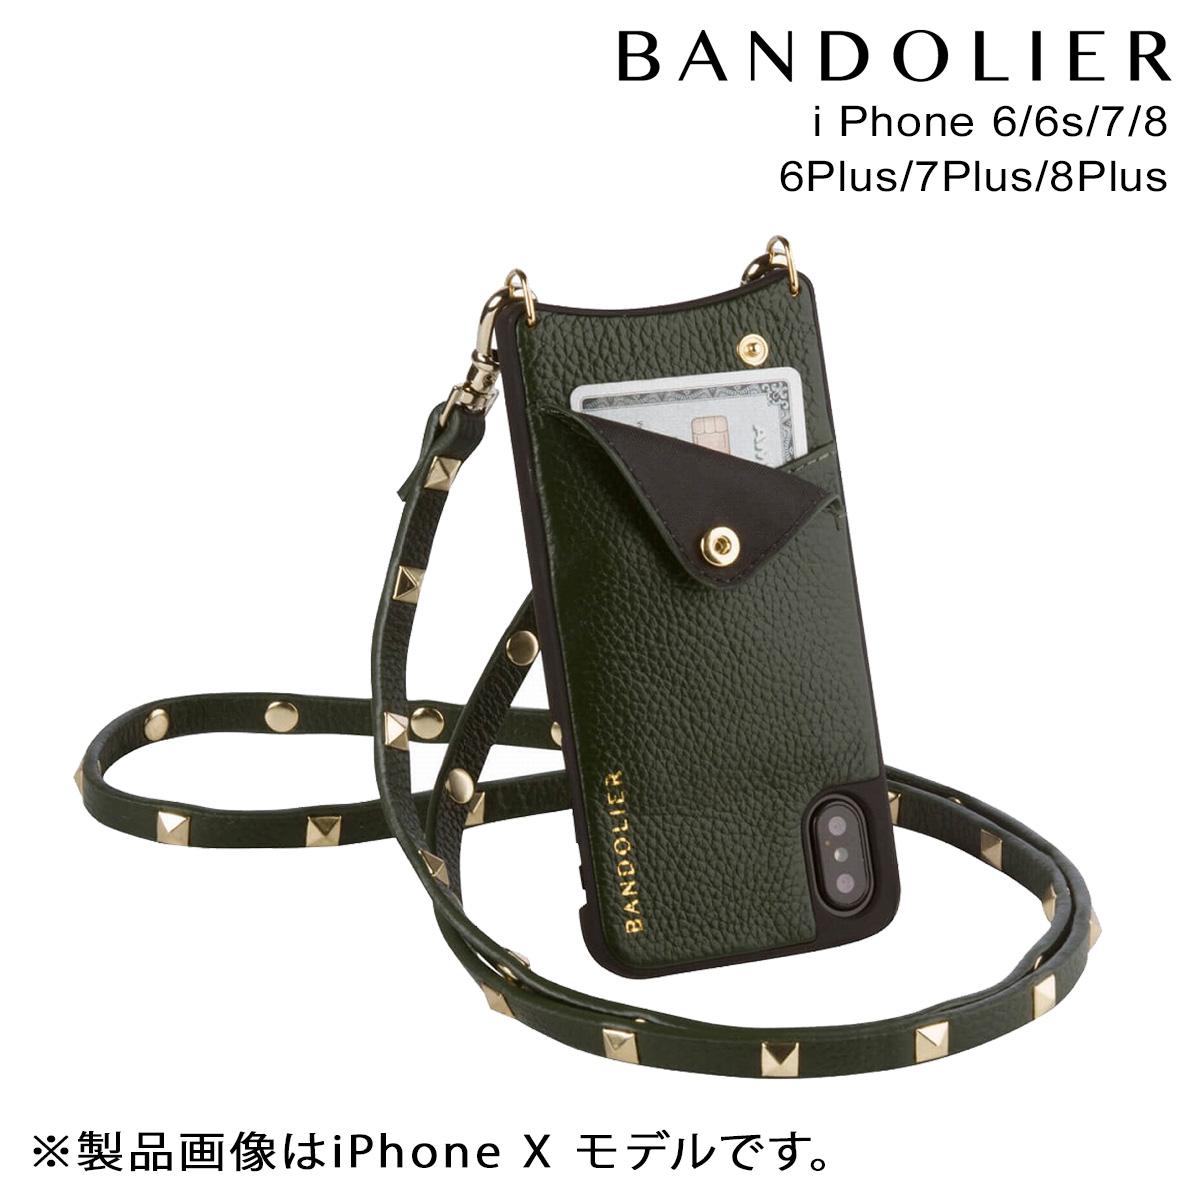 BANDOLIER バンドリヤー iPhone8 iPhone7 7Plus 6s ケース スマホ アイフォン プラス SARAH EVERGREEN メンズ レディース [10/25 新入荷]